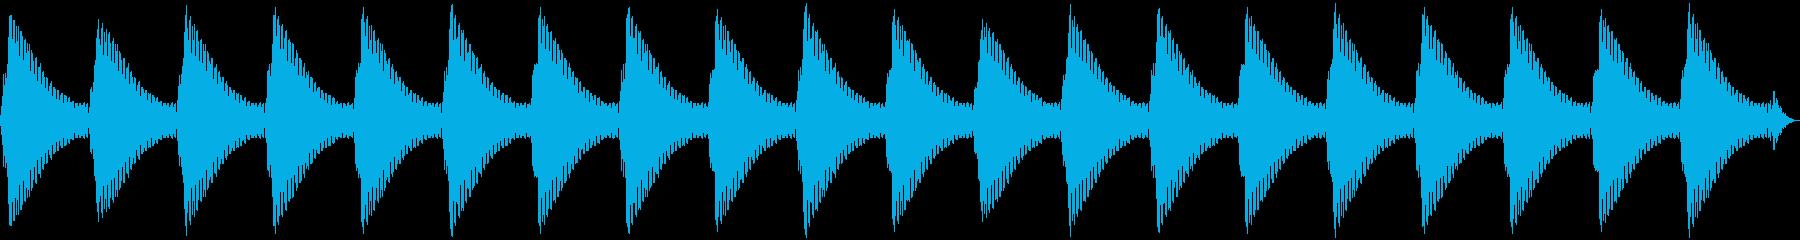 踏切(カンカンカンカン)の再生済みの波形